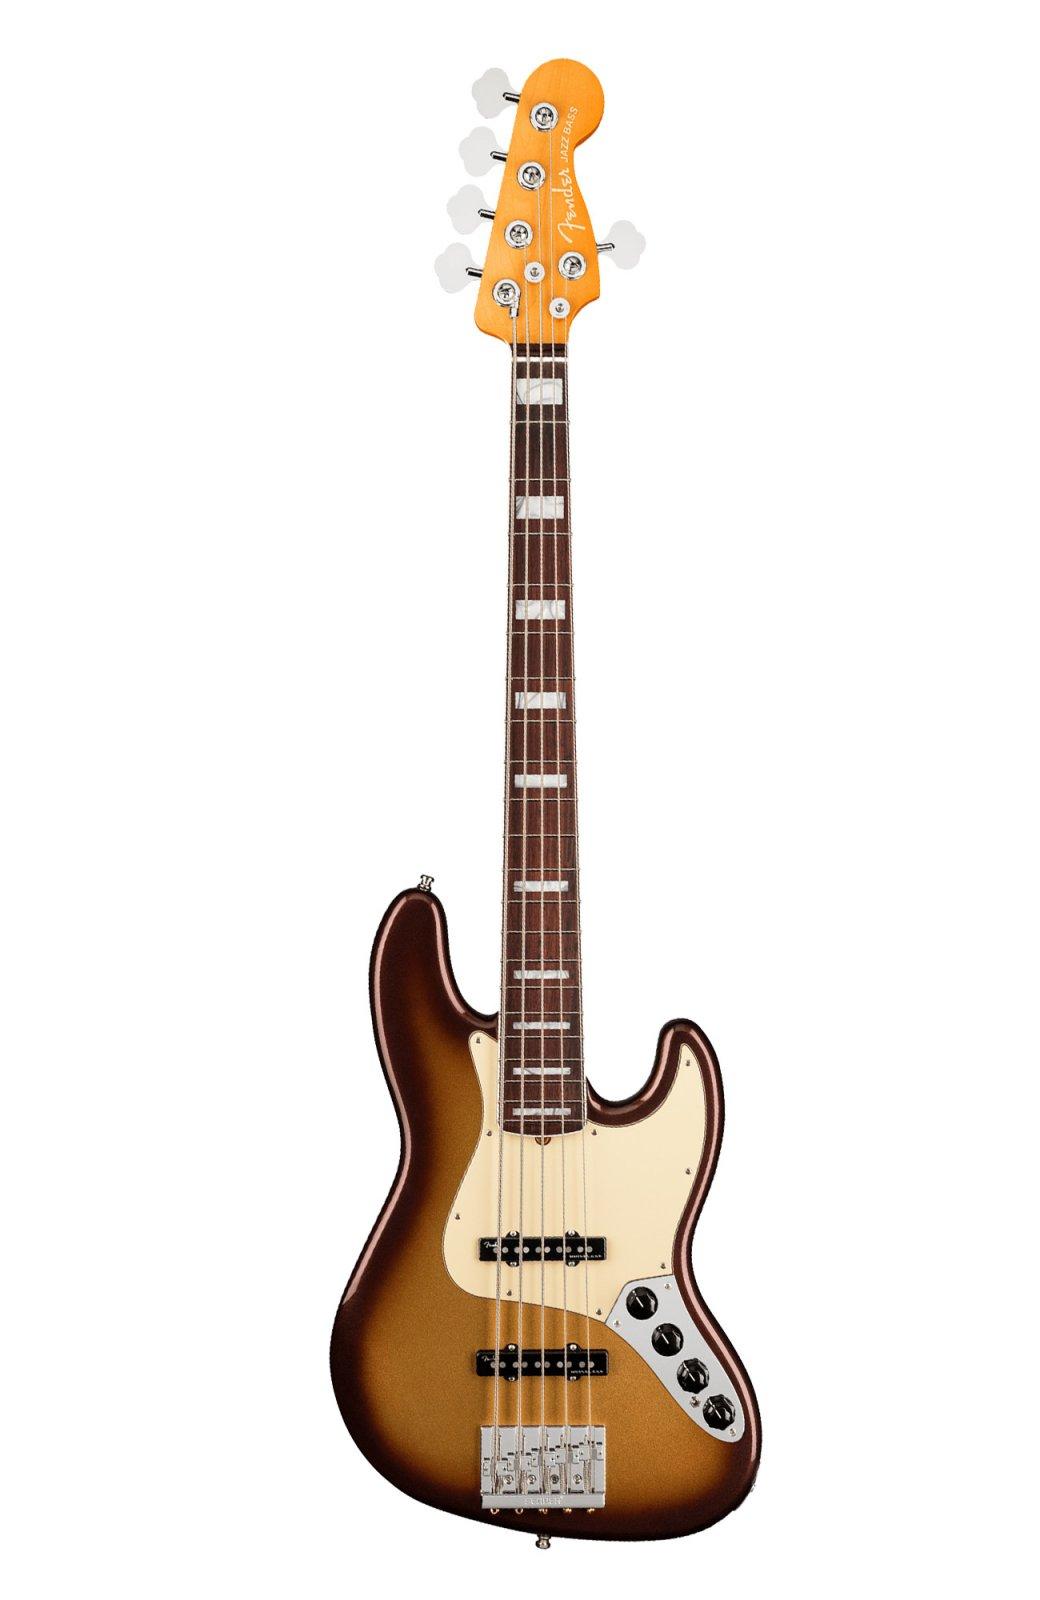 Fender American Ultra Jazz Bass V in Mocha Burst w/ Rosewood Fingerboard w/ Free Pro Setup